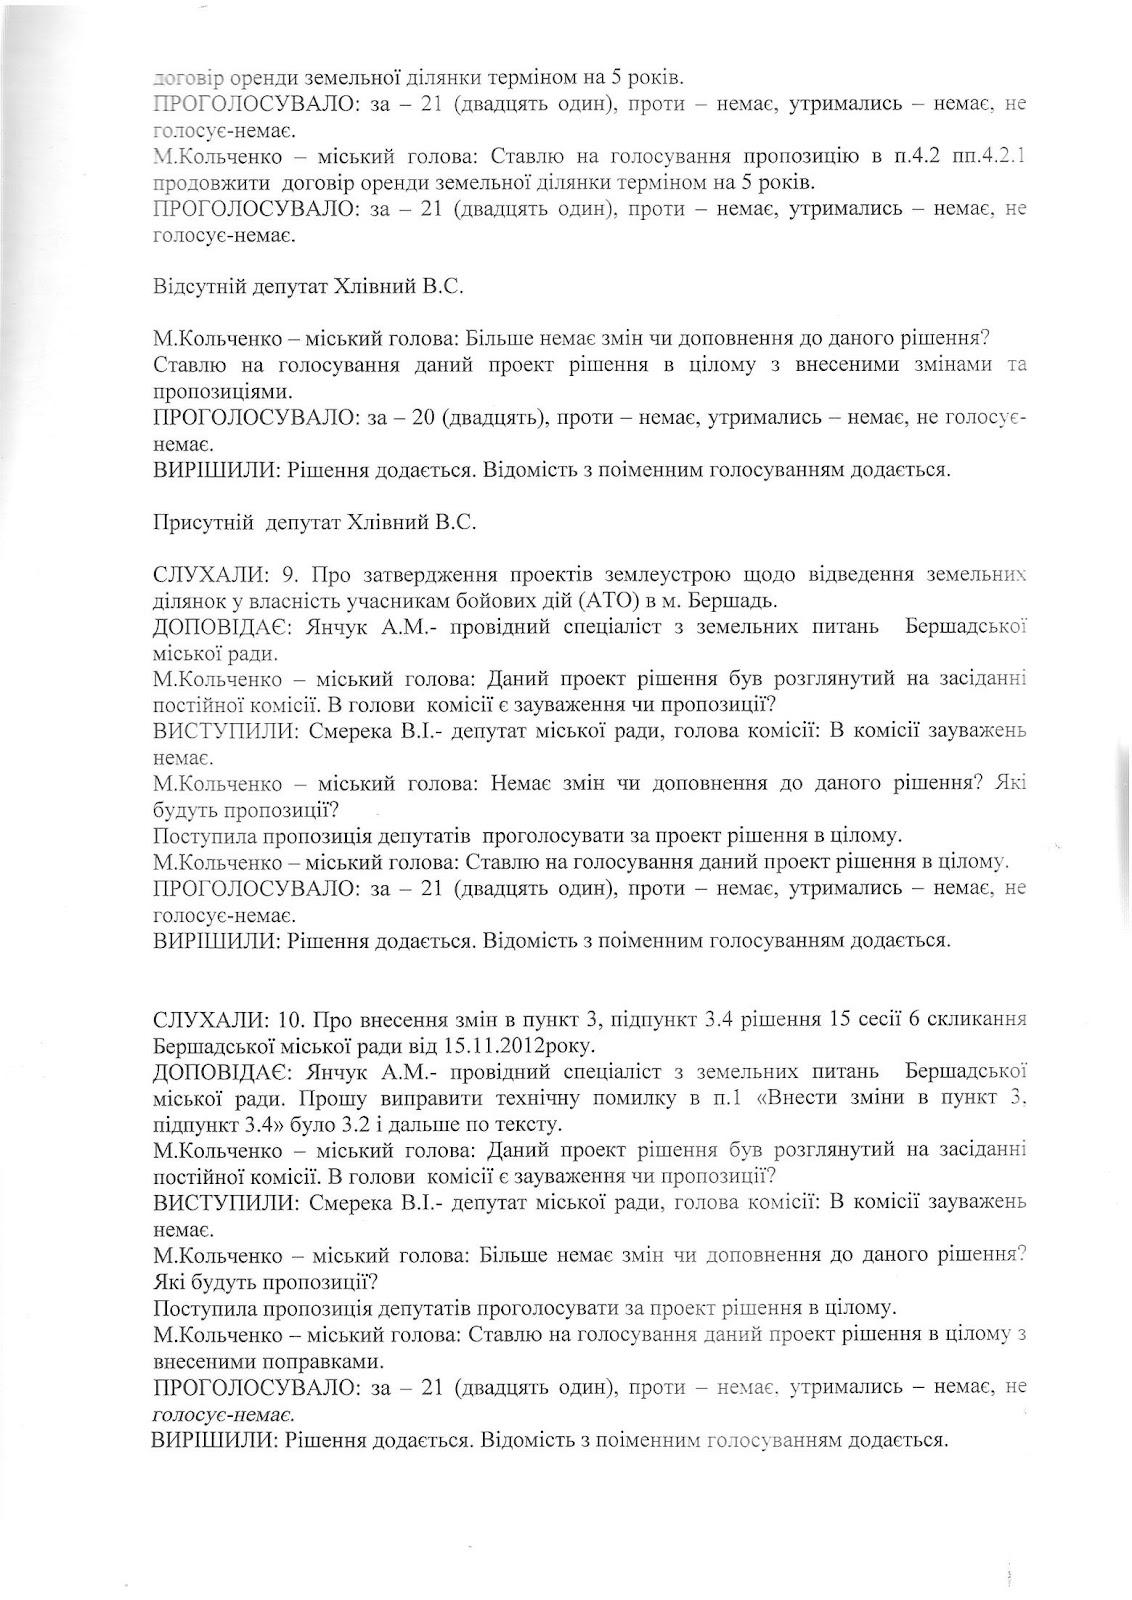 C:\Users\Администратор\Desktop\Сесії\СЕСІЇ 7 СКЛИКАННЯ\28 сесія 7 скликання\28 сесія 7 скл\протокол\протокол - 0008.jpg